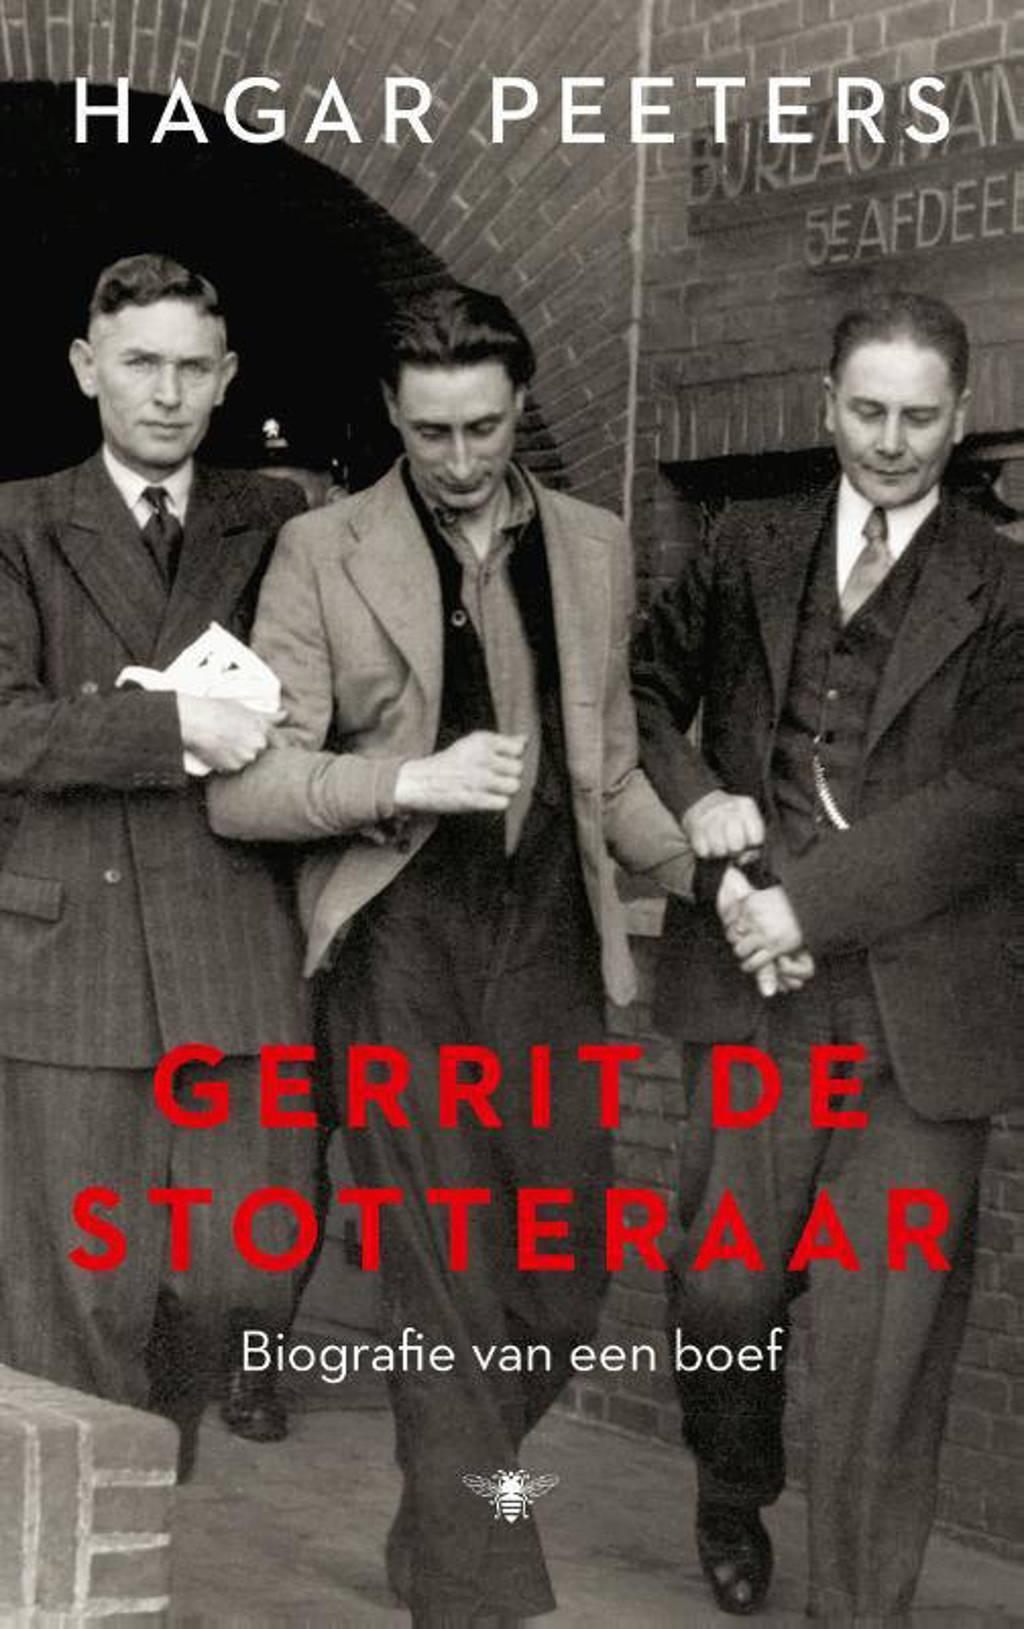 Gerrit de Stotteraar - Hagar Peeters